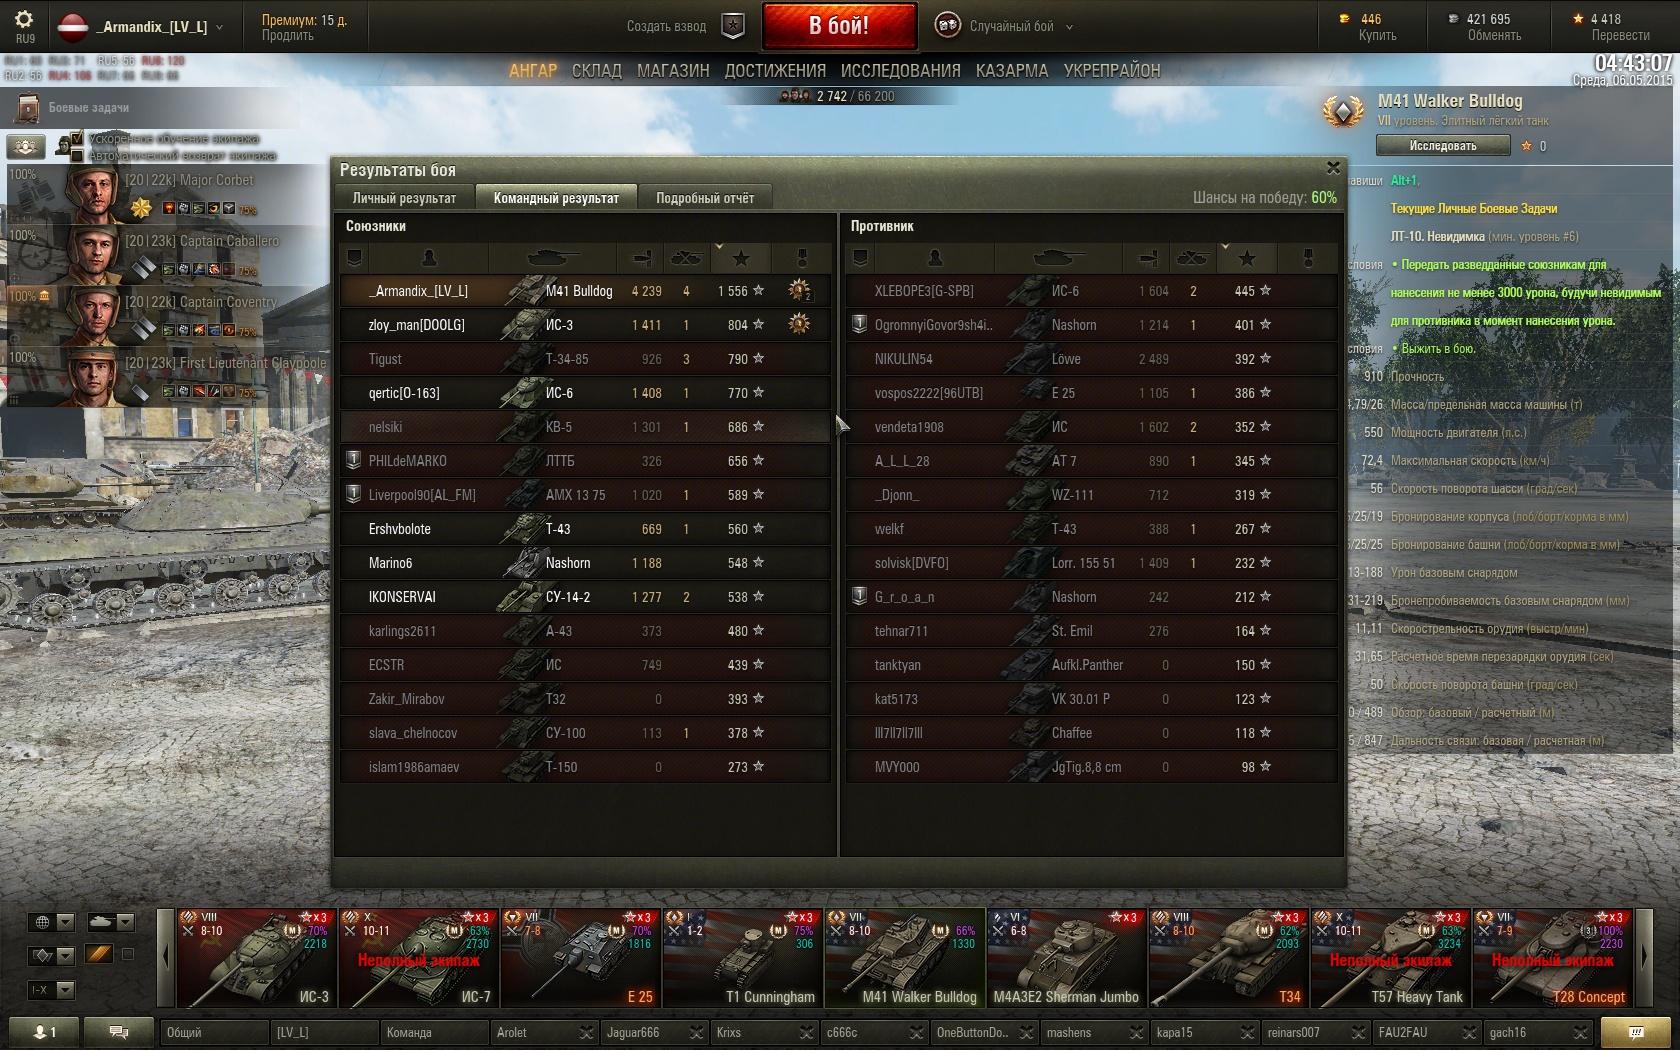 (Master) M41 Walker Bulldog 0ffe1ddf42jt1hz8okja